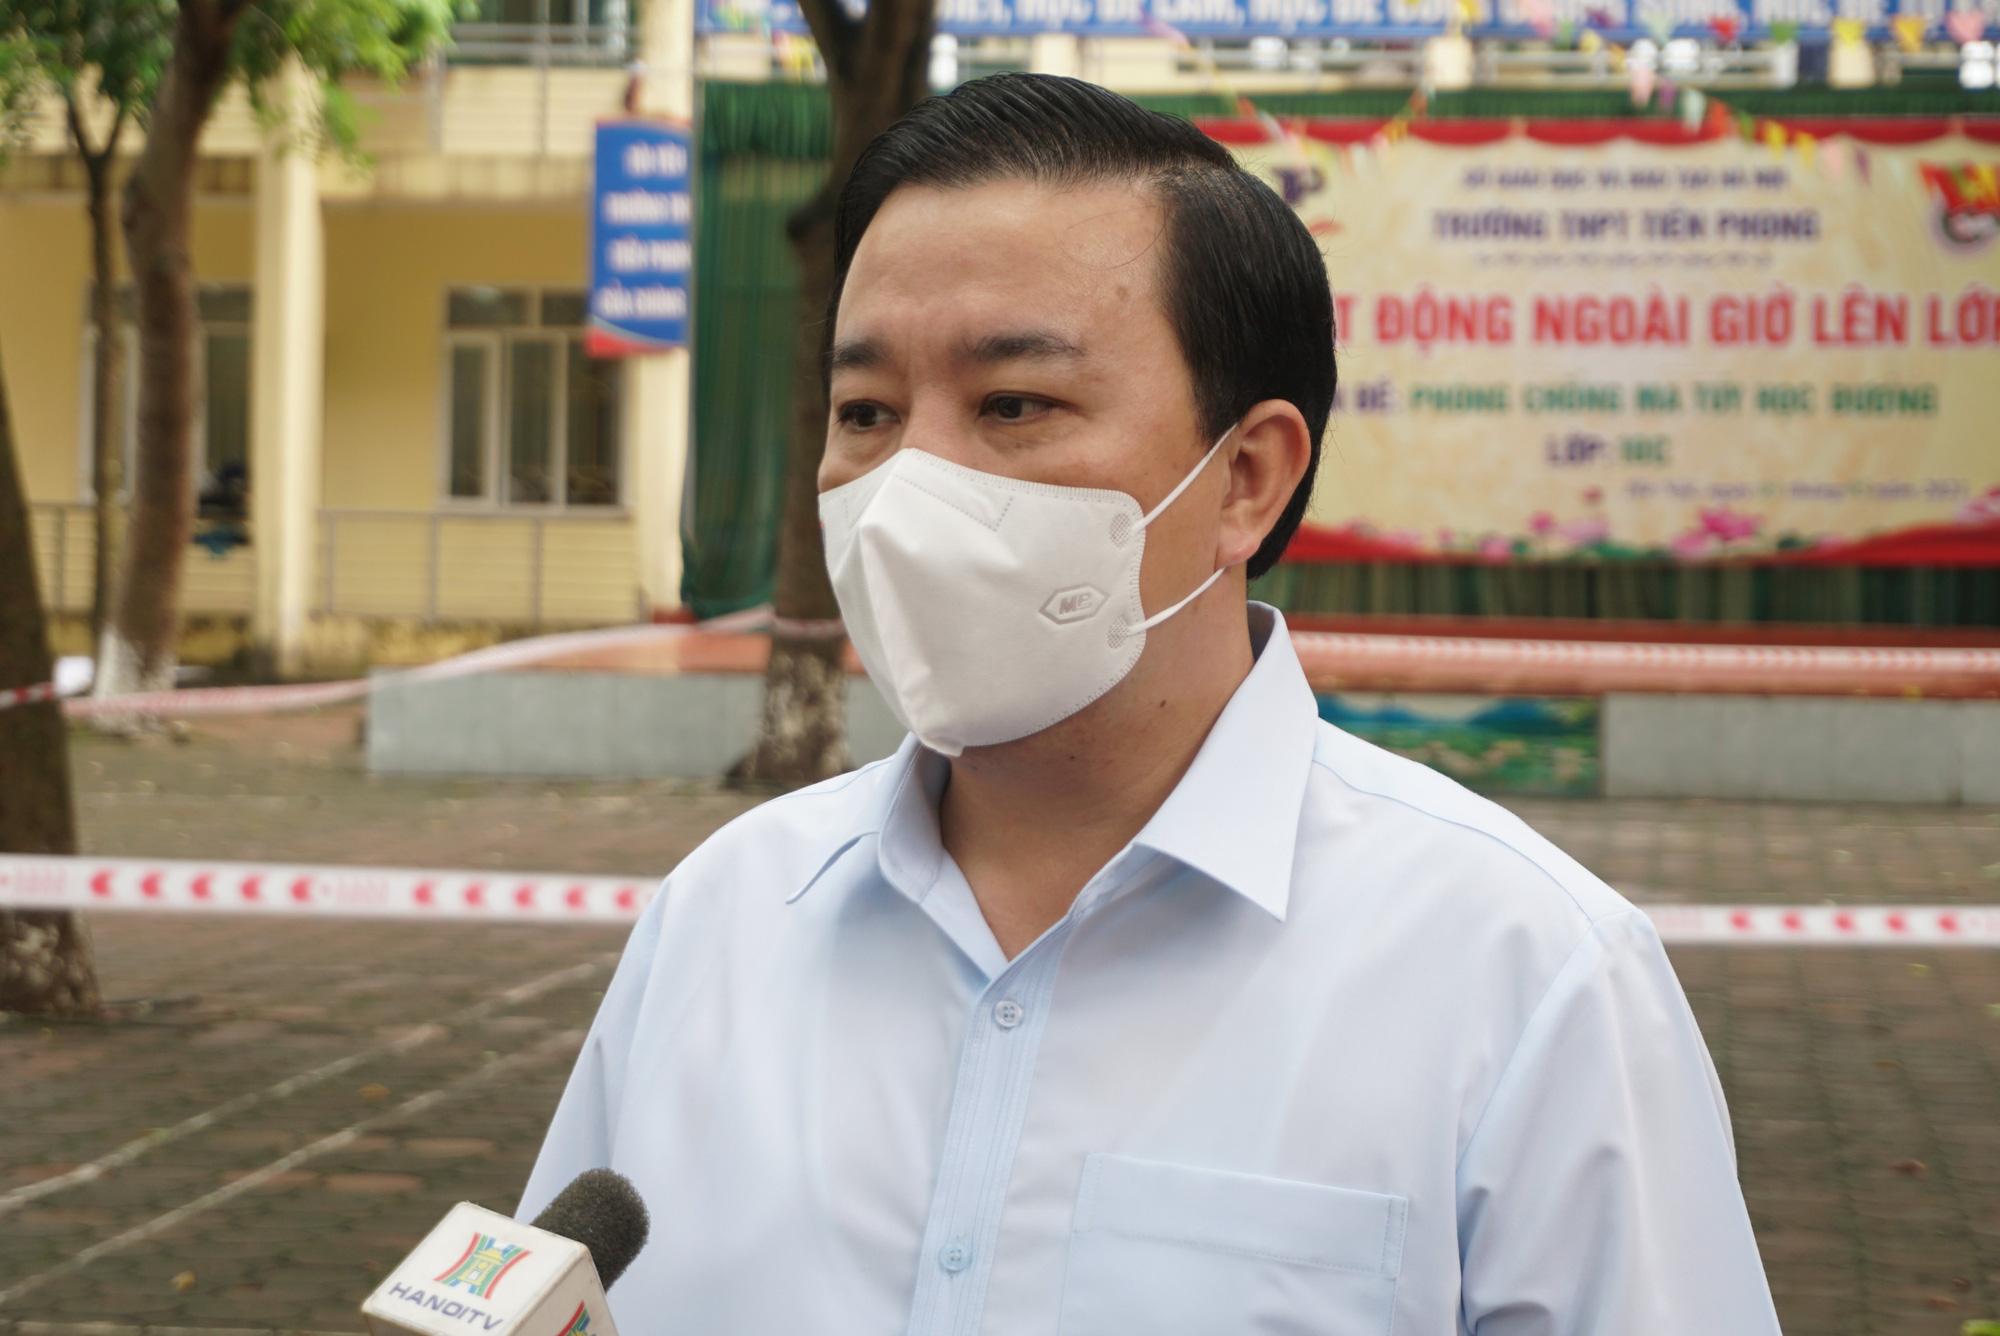 Phó Chủ tịch Hà Nội Chử Xuân Dũng: Đã có nhiều chỉ đạo sâu sát để kỳ thi diễn ra an toàn, thành công - Ảnh 3.